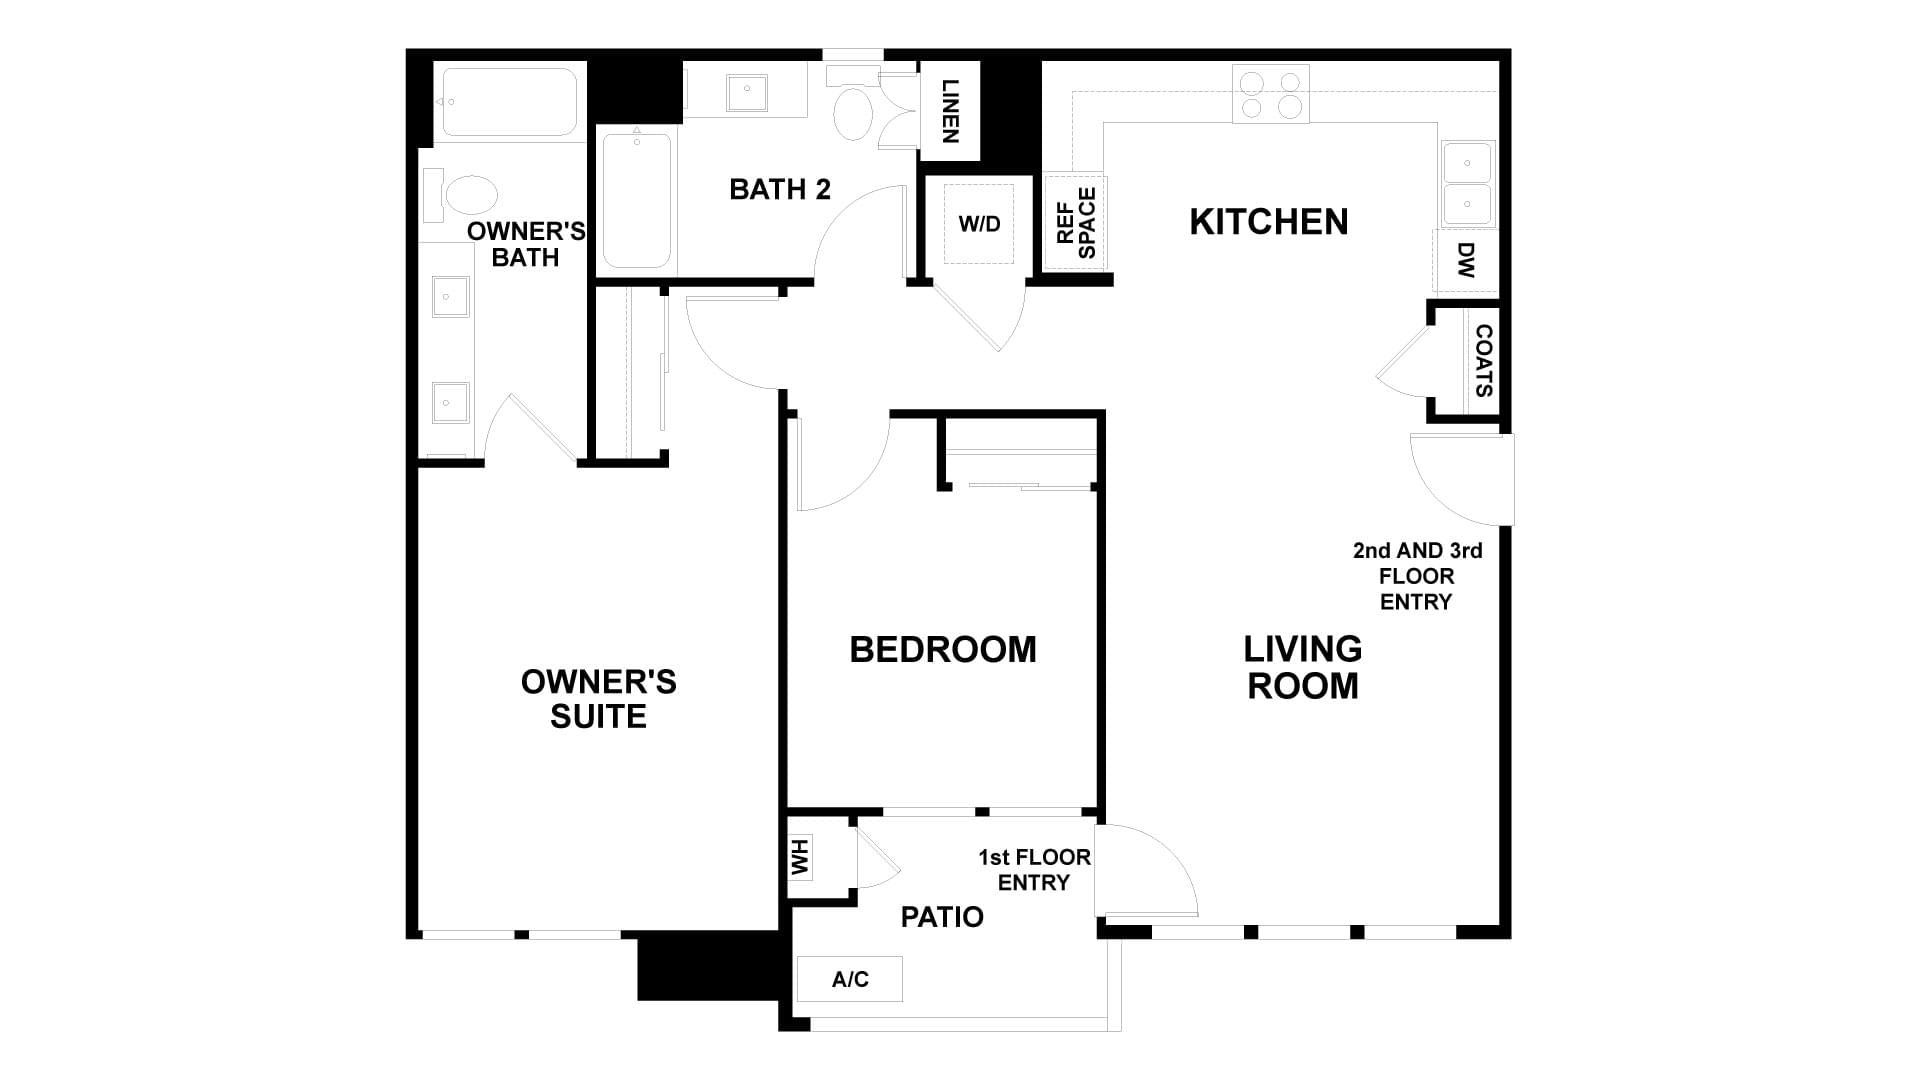 Floor Plan. 2br New Home in Antioch, CA